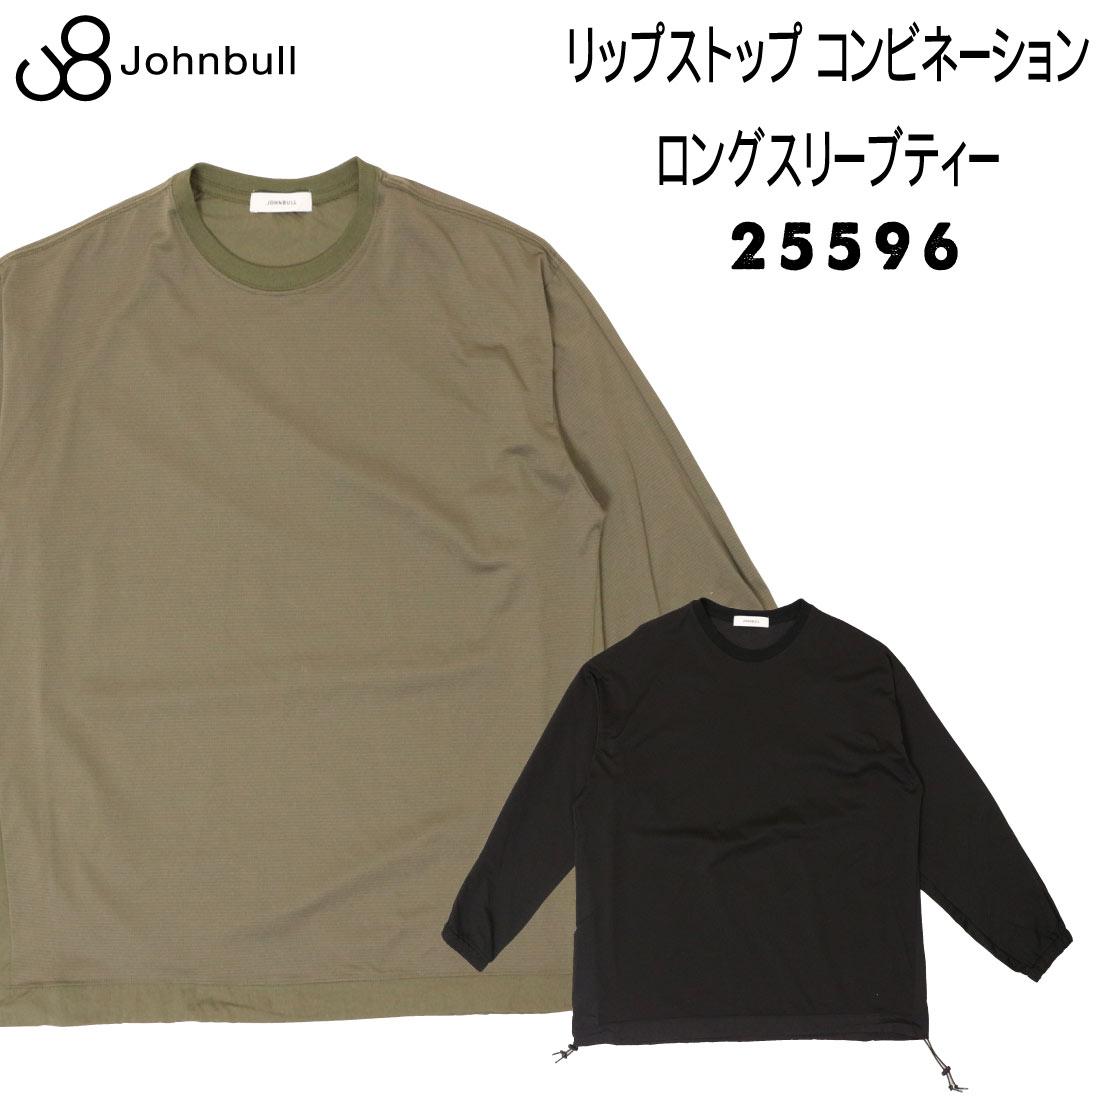 JOHNBULL ジョンブル 長袖 Tシャツ カットソー 25596 リップストップコンビネーションロングスリーブティー メンズ トップス 030 061